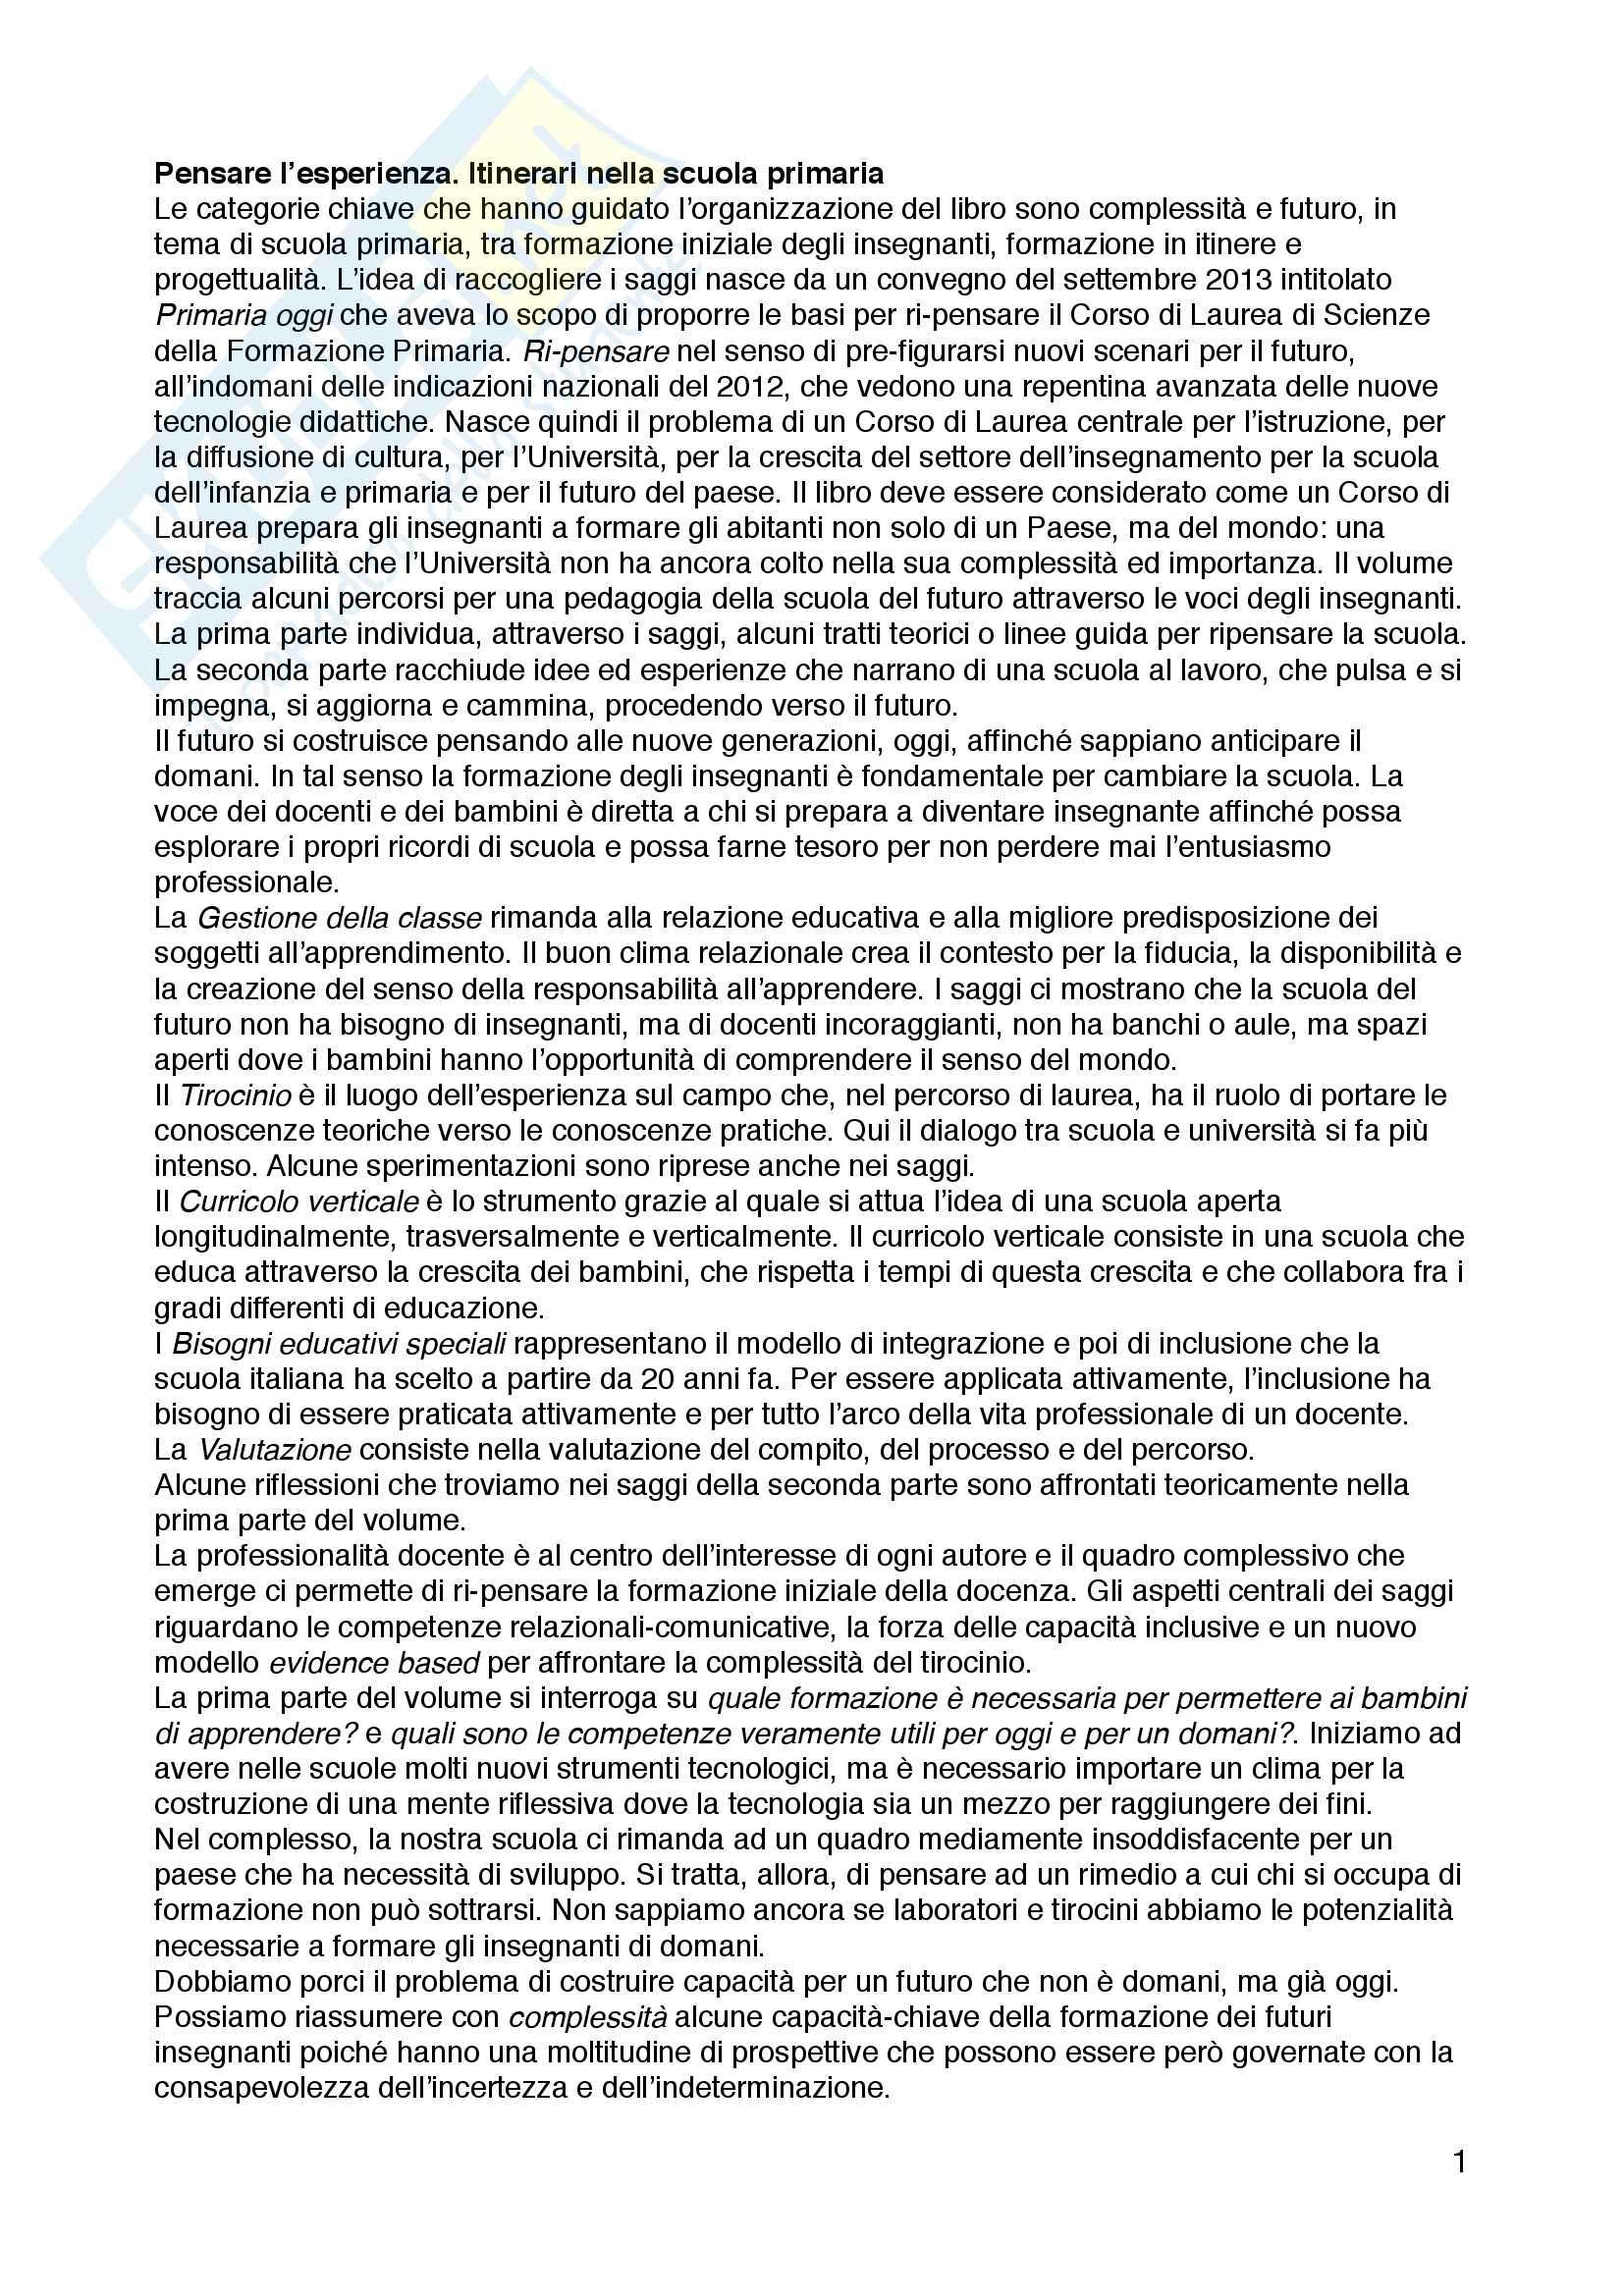 """Riassunto esame pedagogia generale, prof. Vanna Boffo, Paolo Federighi, libro consigliato """"Primaria oggi - Complessità e professionalità docente"""", Vanna Boffo, Paolo Federighi"""